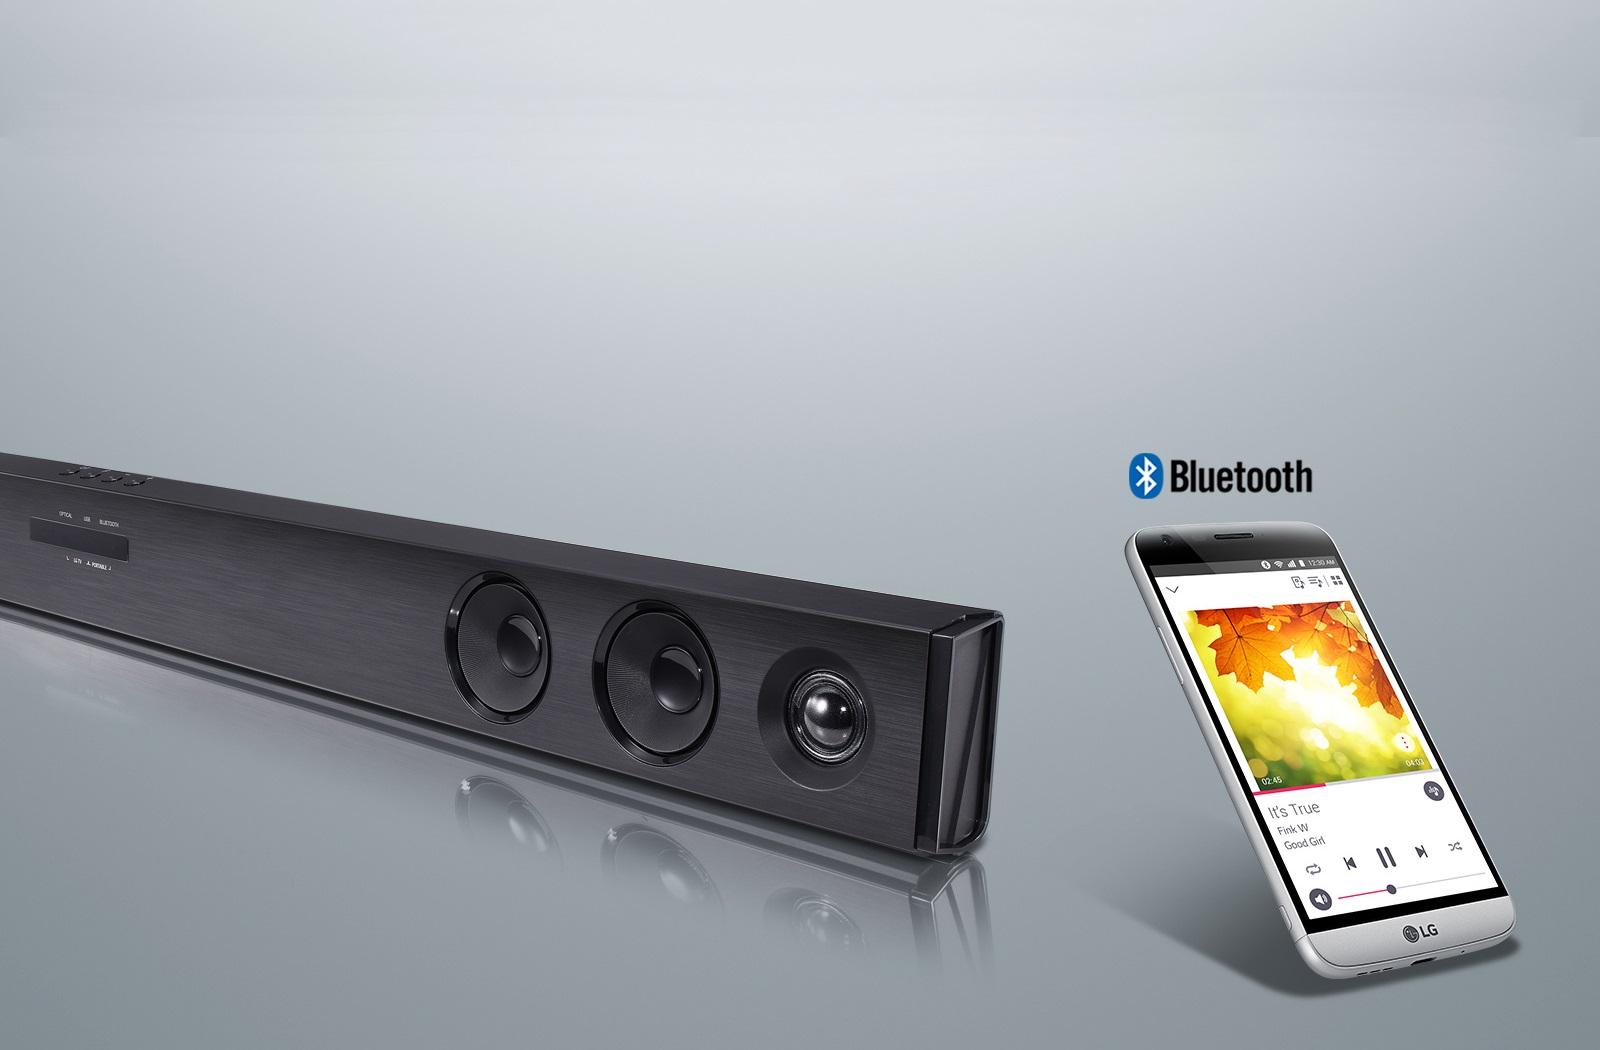 đánh thức loa khi kết nối Bluetooth